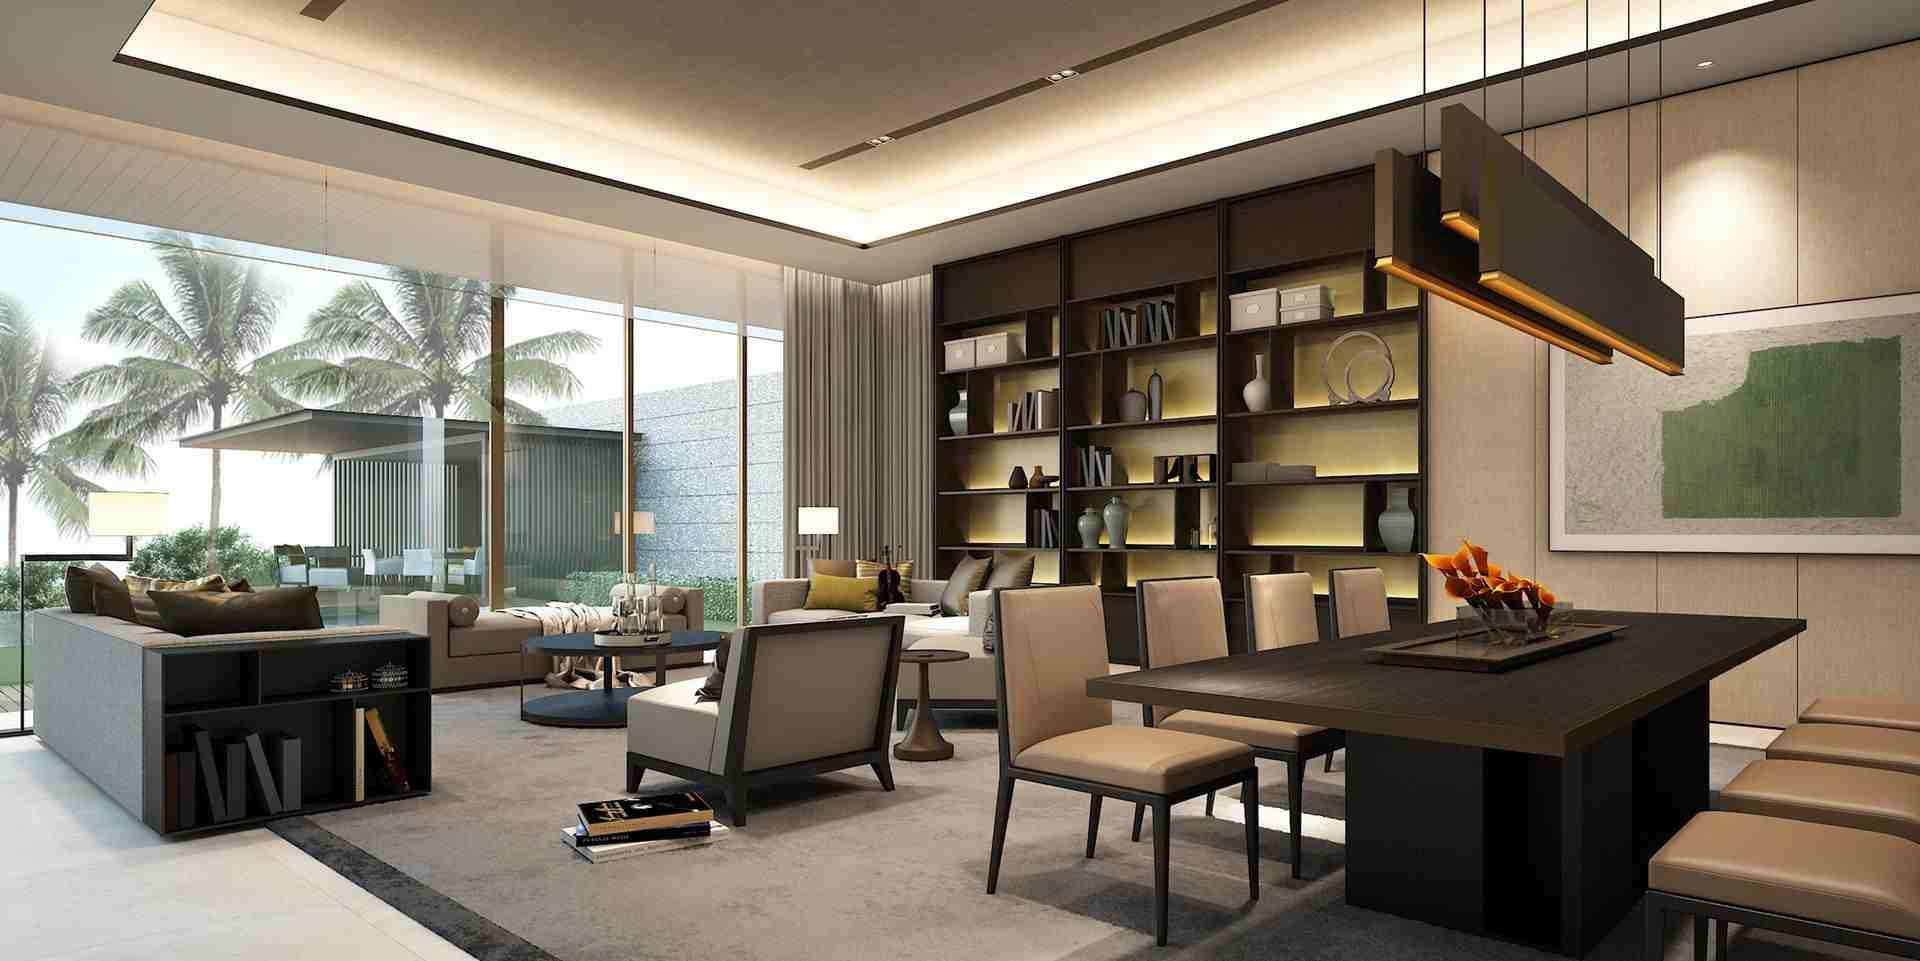 别墅空间整体以白色为主,简约清爽,过滤掉一切不相干的色彩,如出水芙蓉般,愈发衬托出空间卓尔不凡的高雅气质。以黑白简约的线条,最是经典且不过时的一种风格,强烈的对比和脱俗的气质,搭配现代中式的胡桃木皇冠,这种深浅的对比增加了空间的层次和材质的丰富,都能营造出十分引人注目的居家风格。